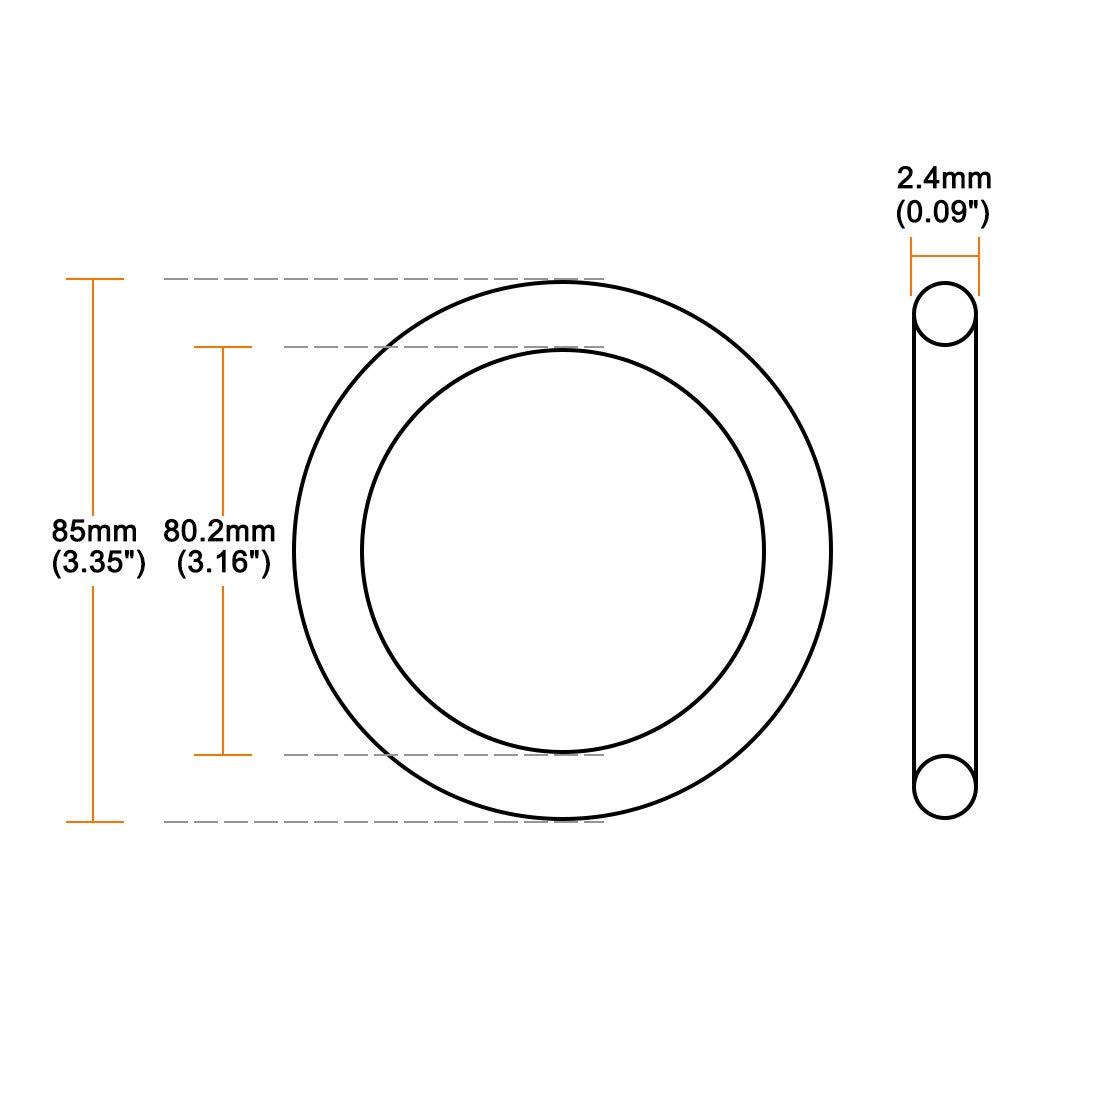 Blanco 100 Piezas sourcing map Arandelas Caucho 6 mm Di/ámetro Junta Alambre Anillo para Agujero Enchufe Cable